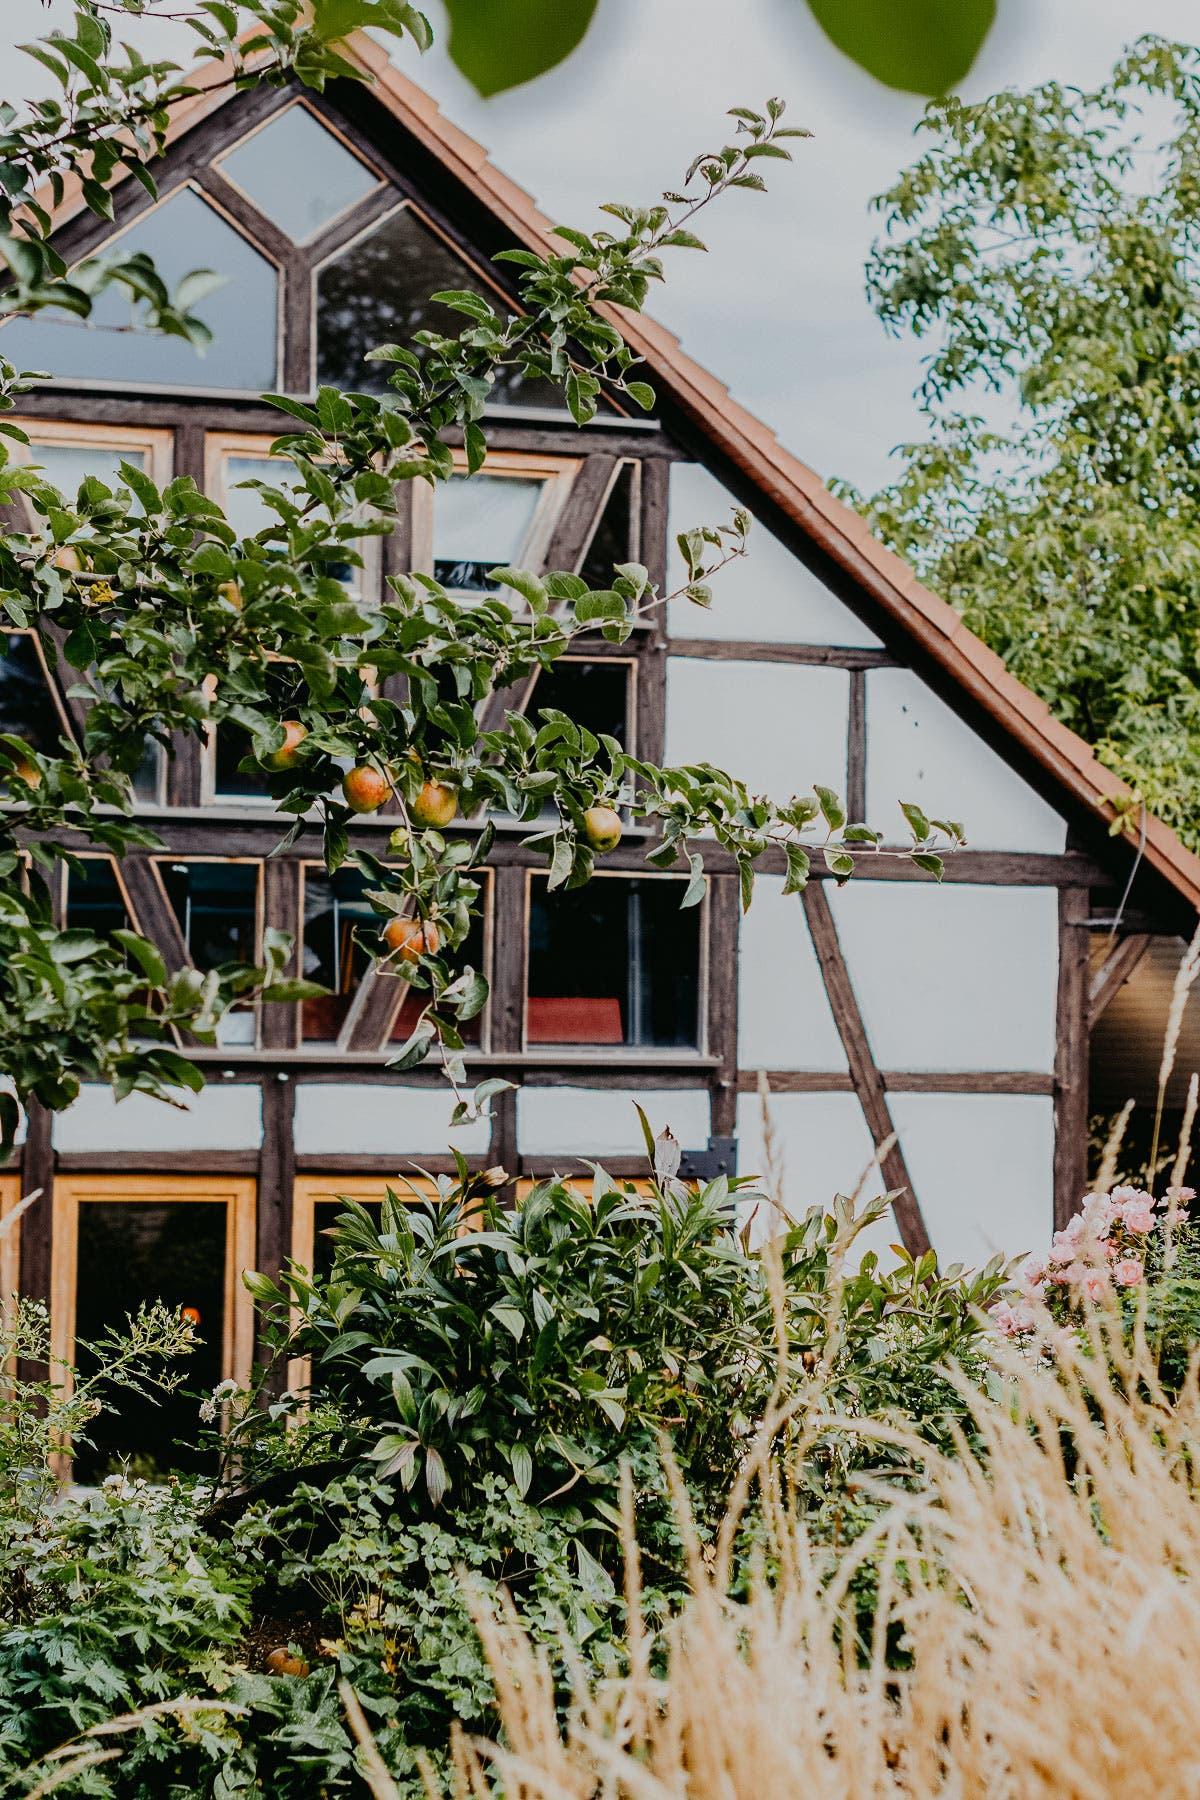 Fassade von Fachwerkhaus mit Fenstern und Apfelbaum davor